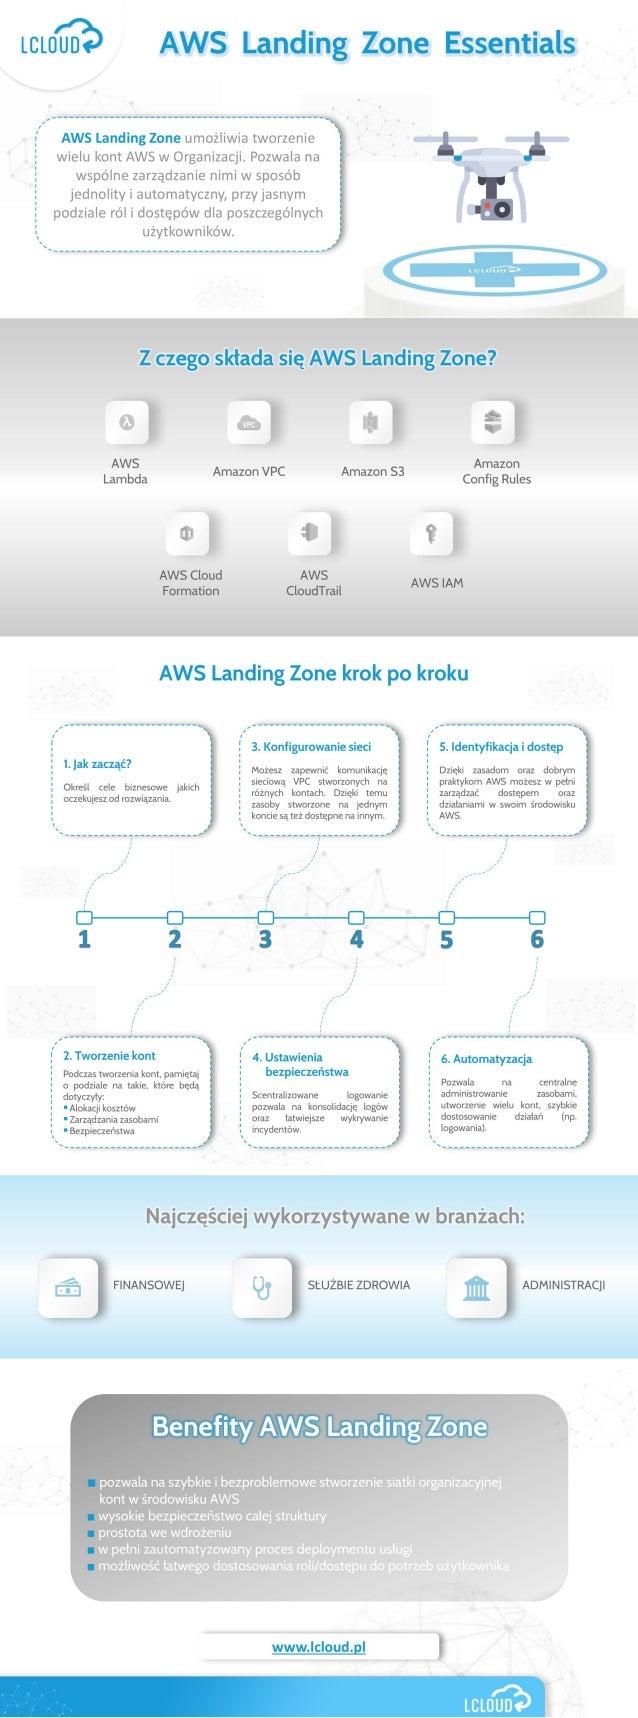 AWS Landing Zone Essentials PL | LCloud